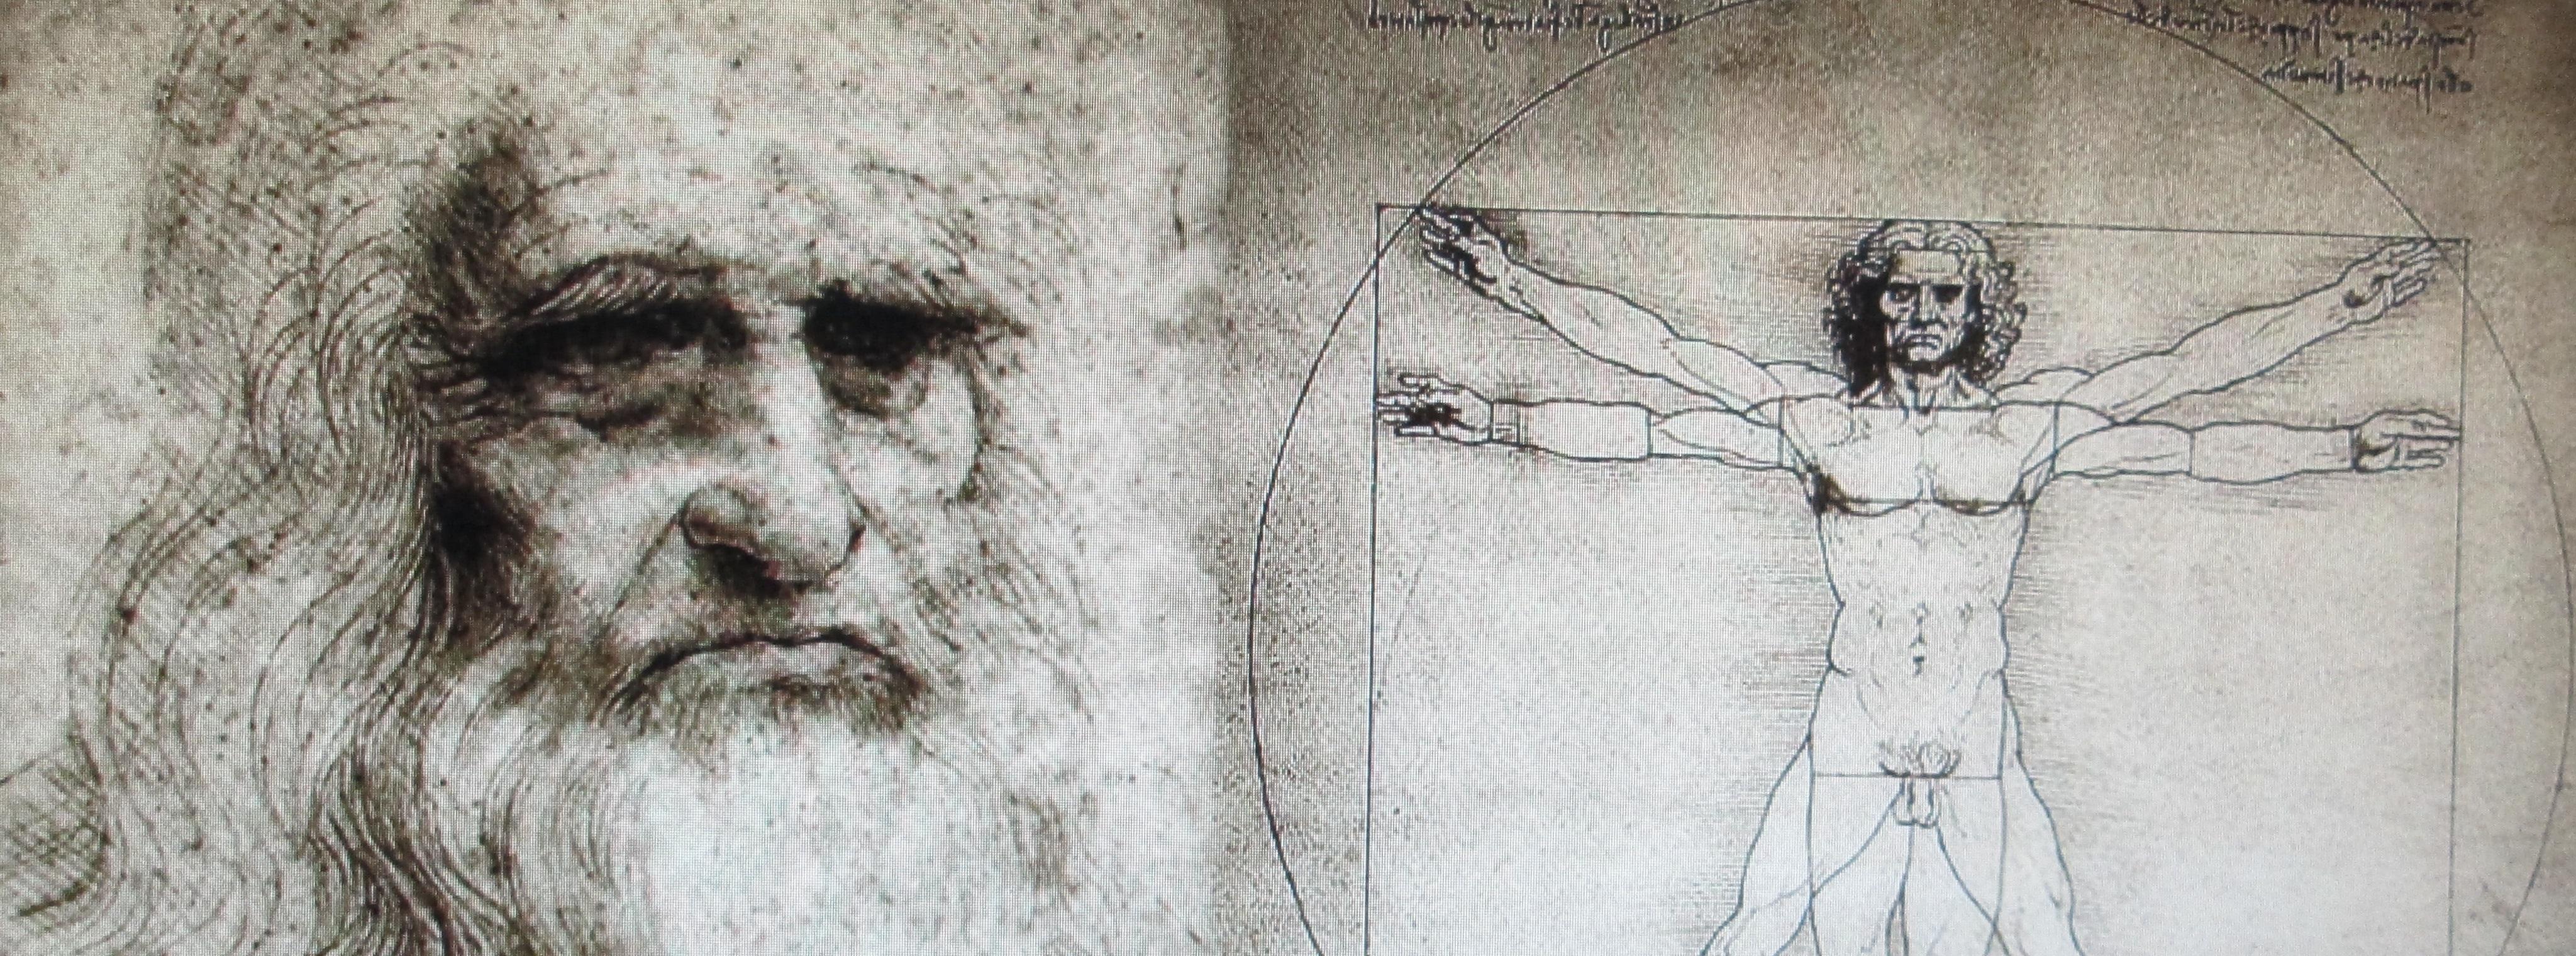 2 maggio 2019, il quinto centenario della morte di Leonardo da Vinci